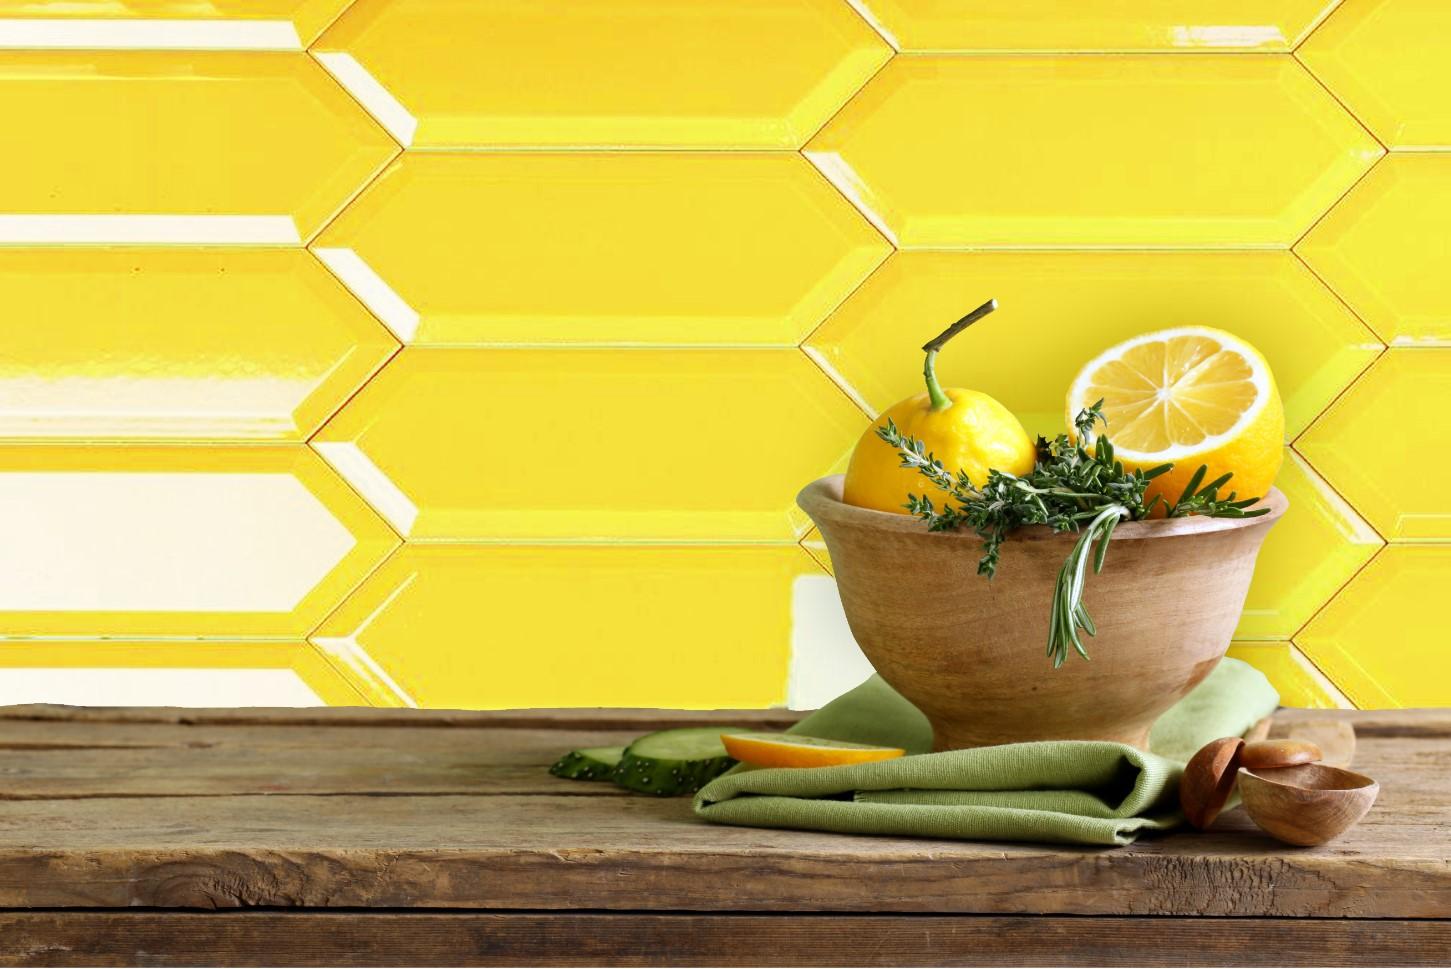 კუპიდონი ყვითელი